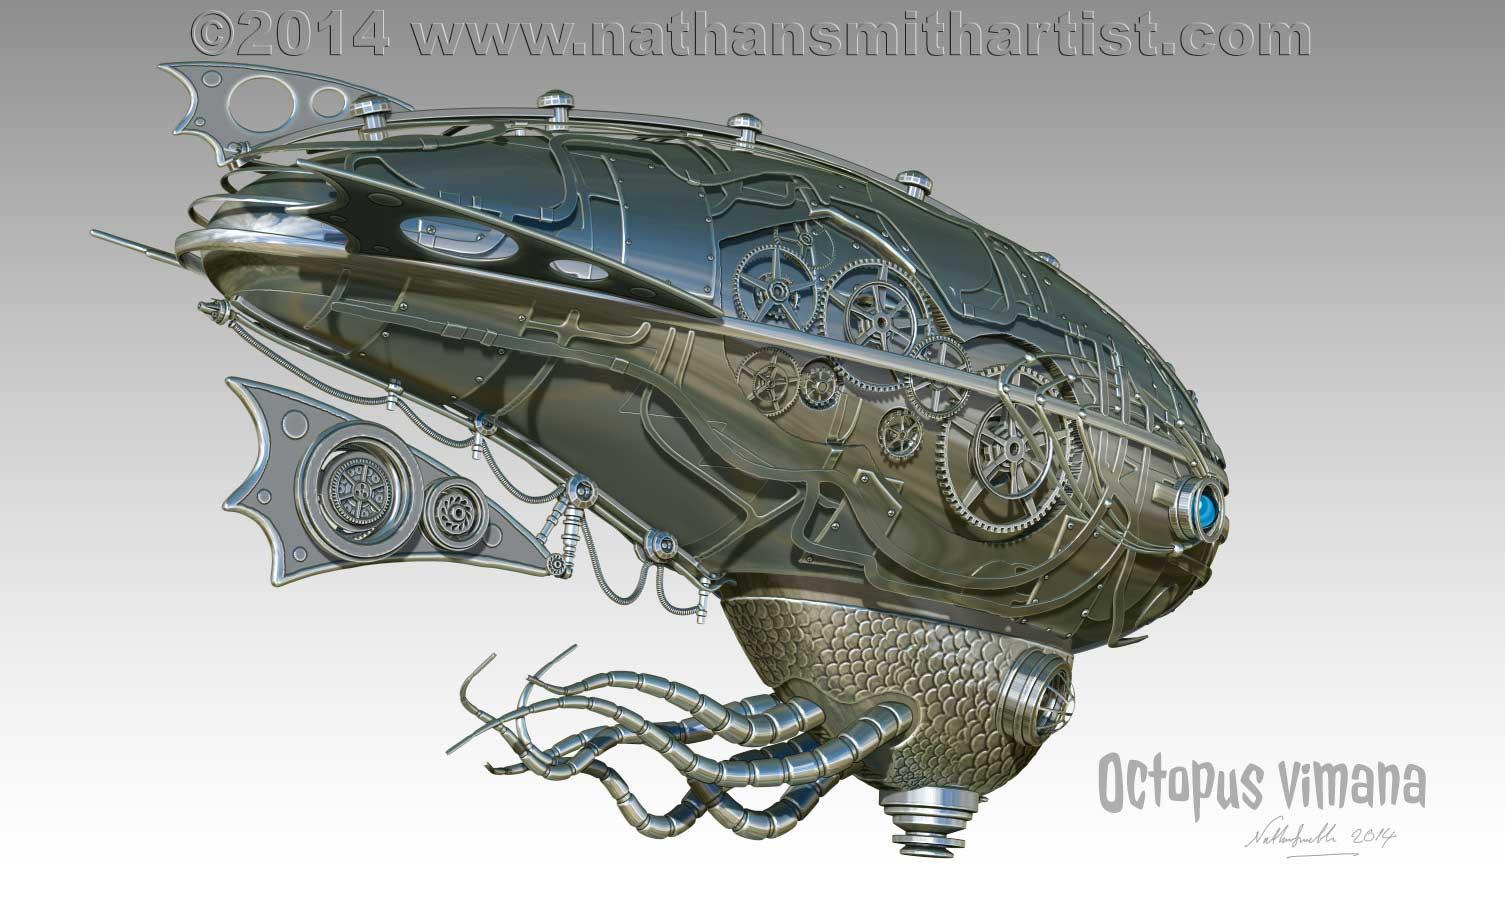 Octopus,Vimana Airship,Nathan Smith